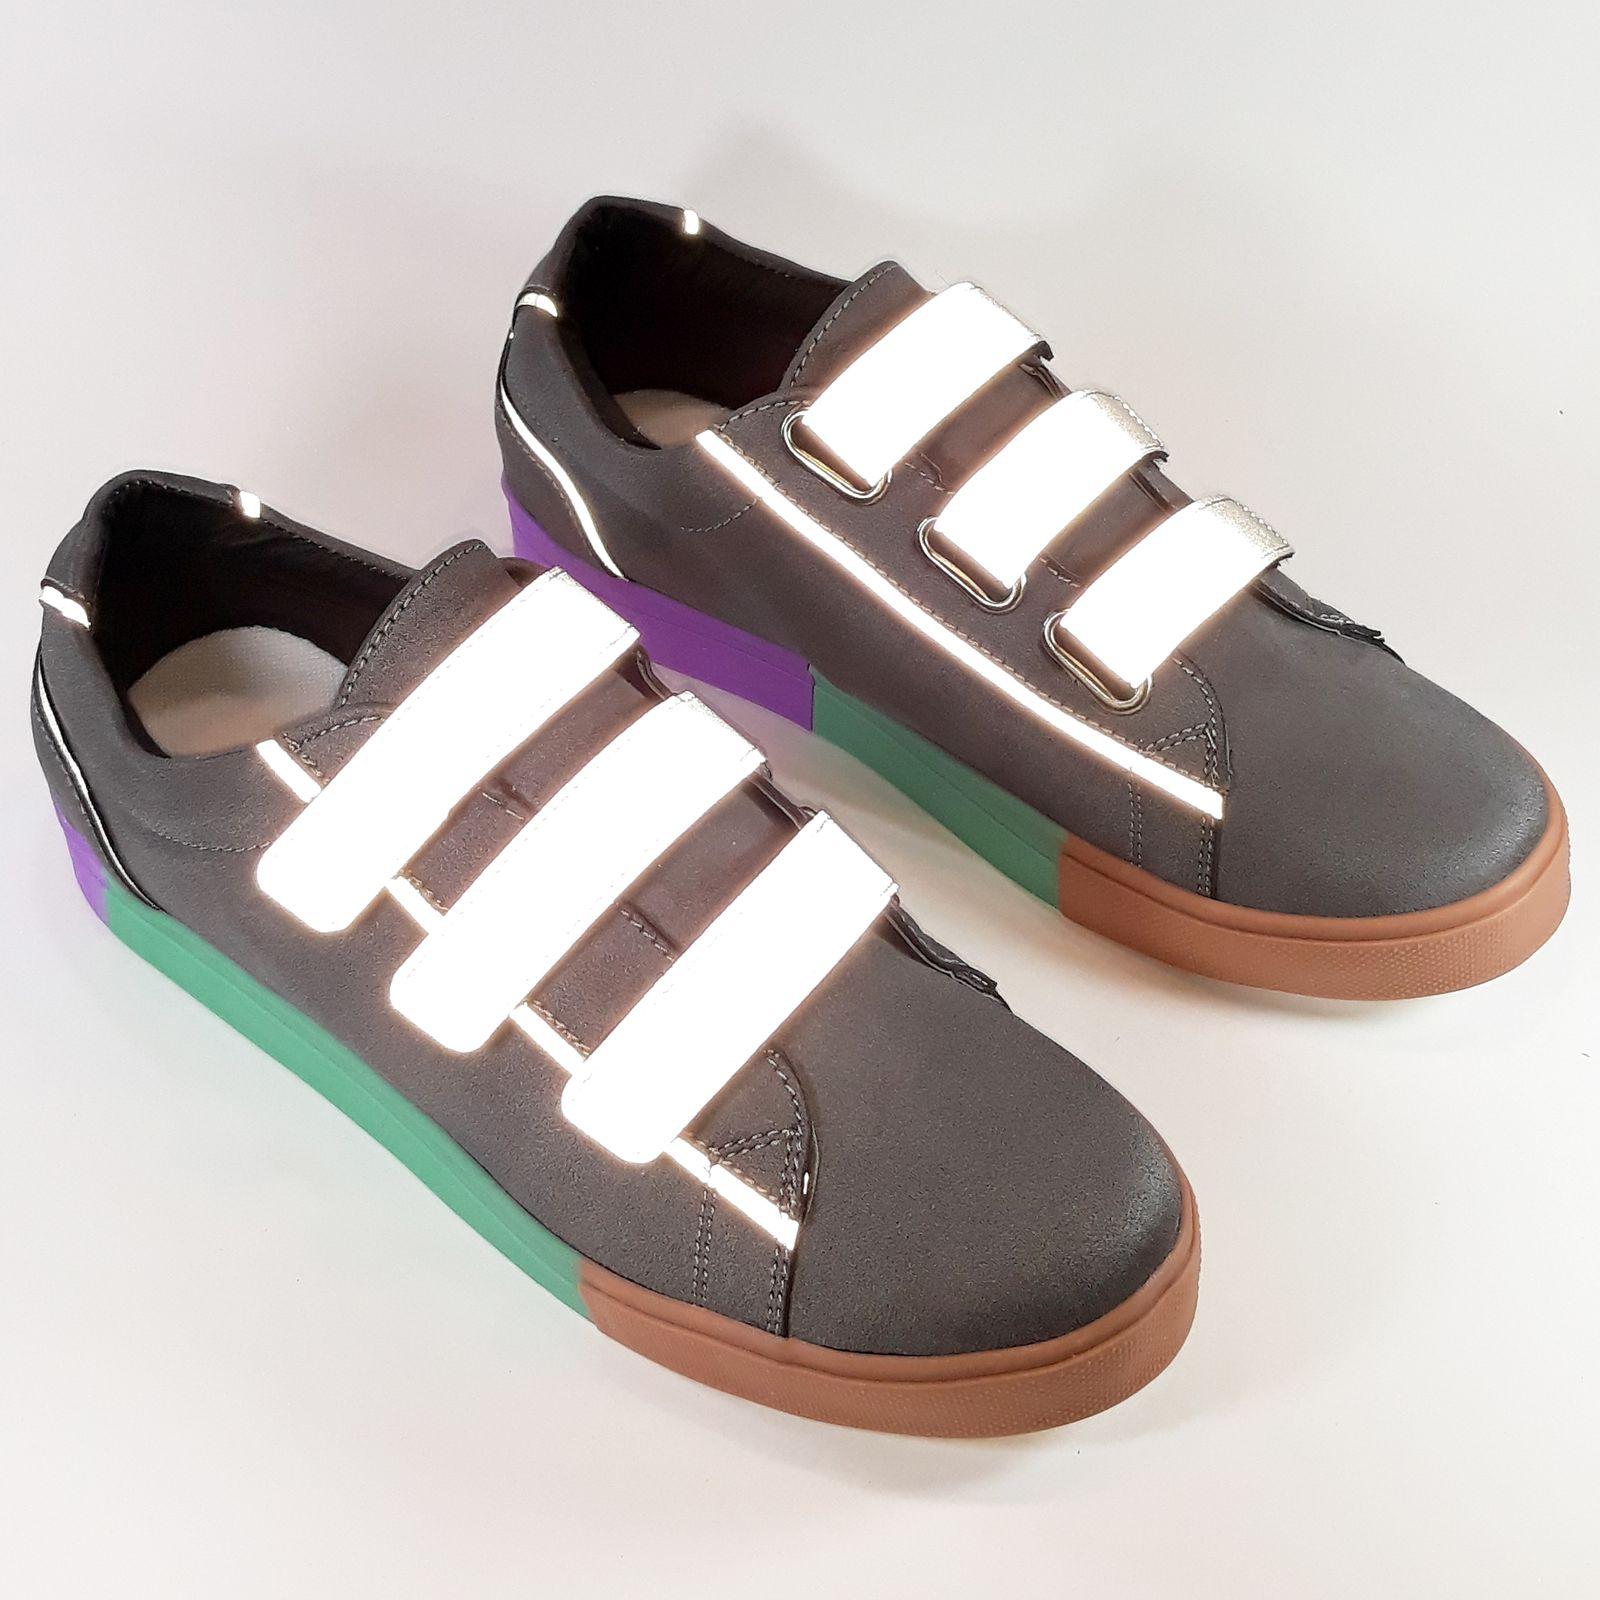 کفش روزمره زنانه کد 1106ST -  - 4